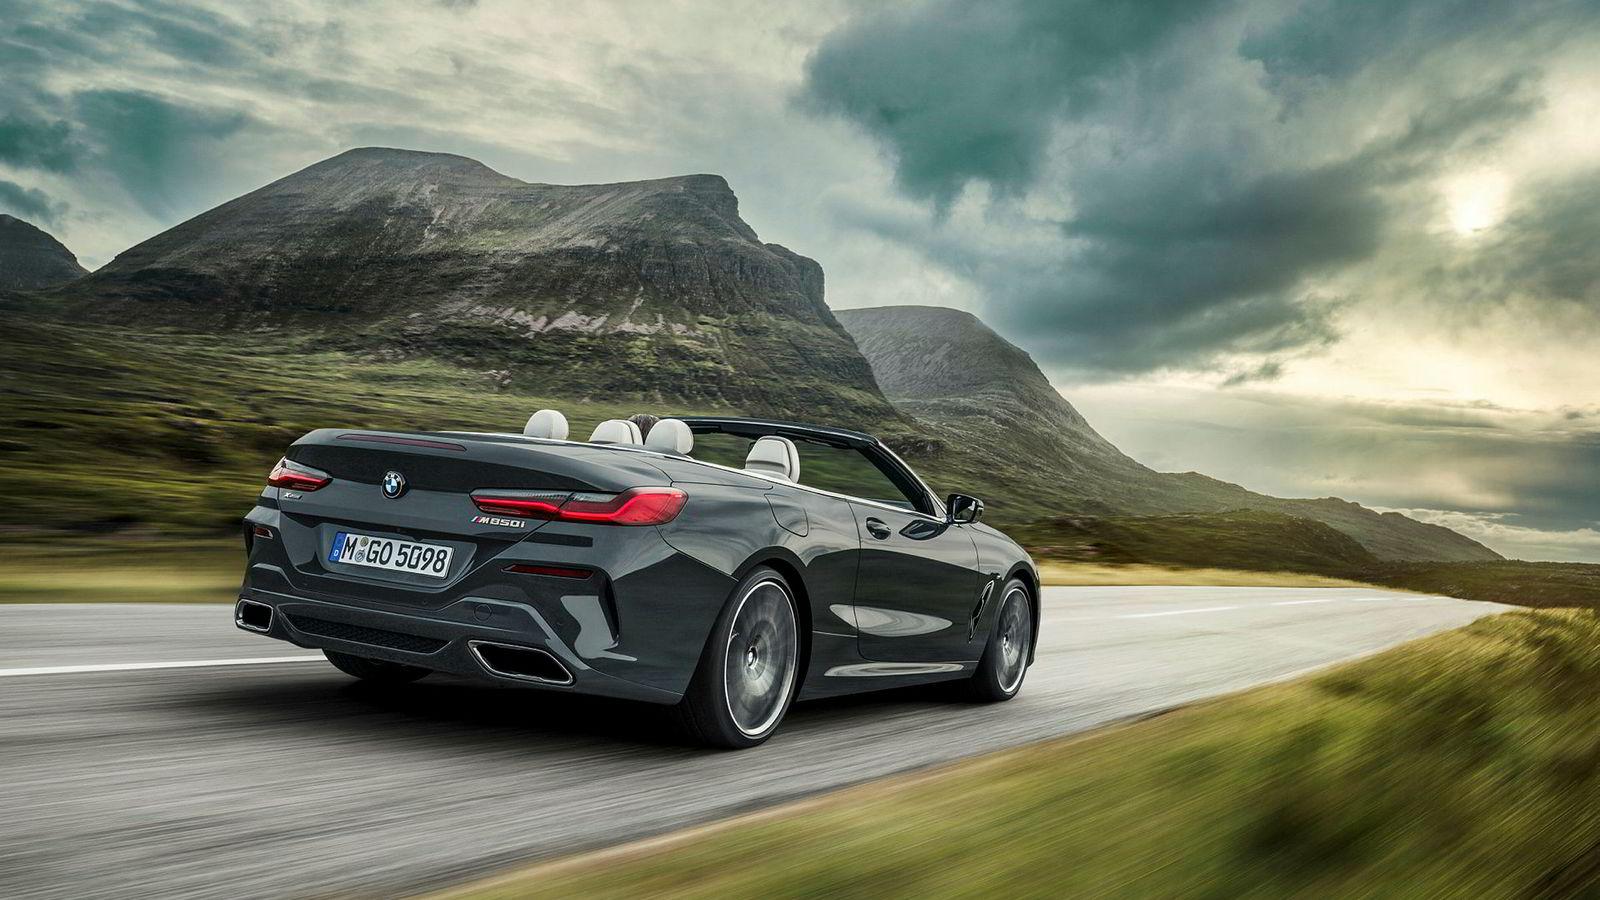 Selv om BMW 8-serie kabriolet er 5,4 centimeter kortere enn forgjengeren 6-serie, mener BMW at den er to hakk opp.